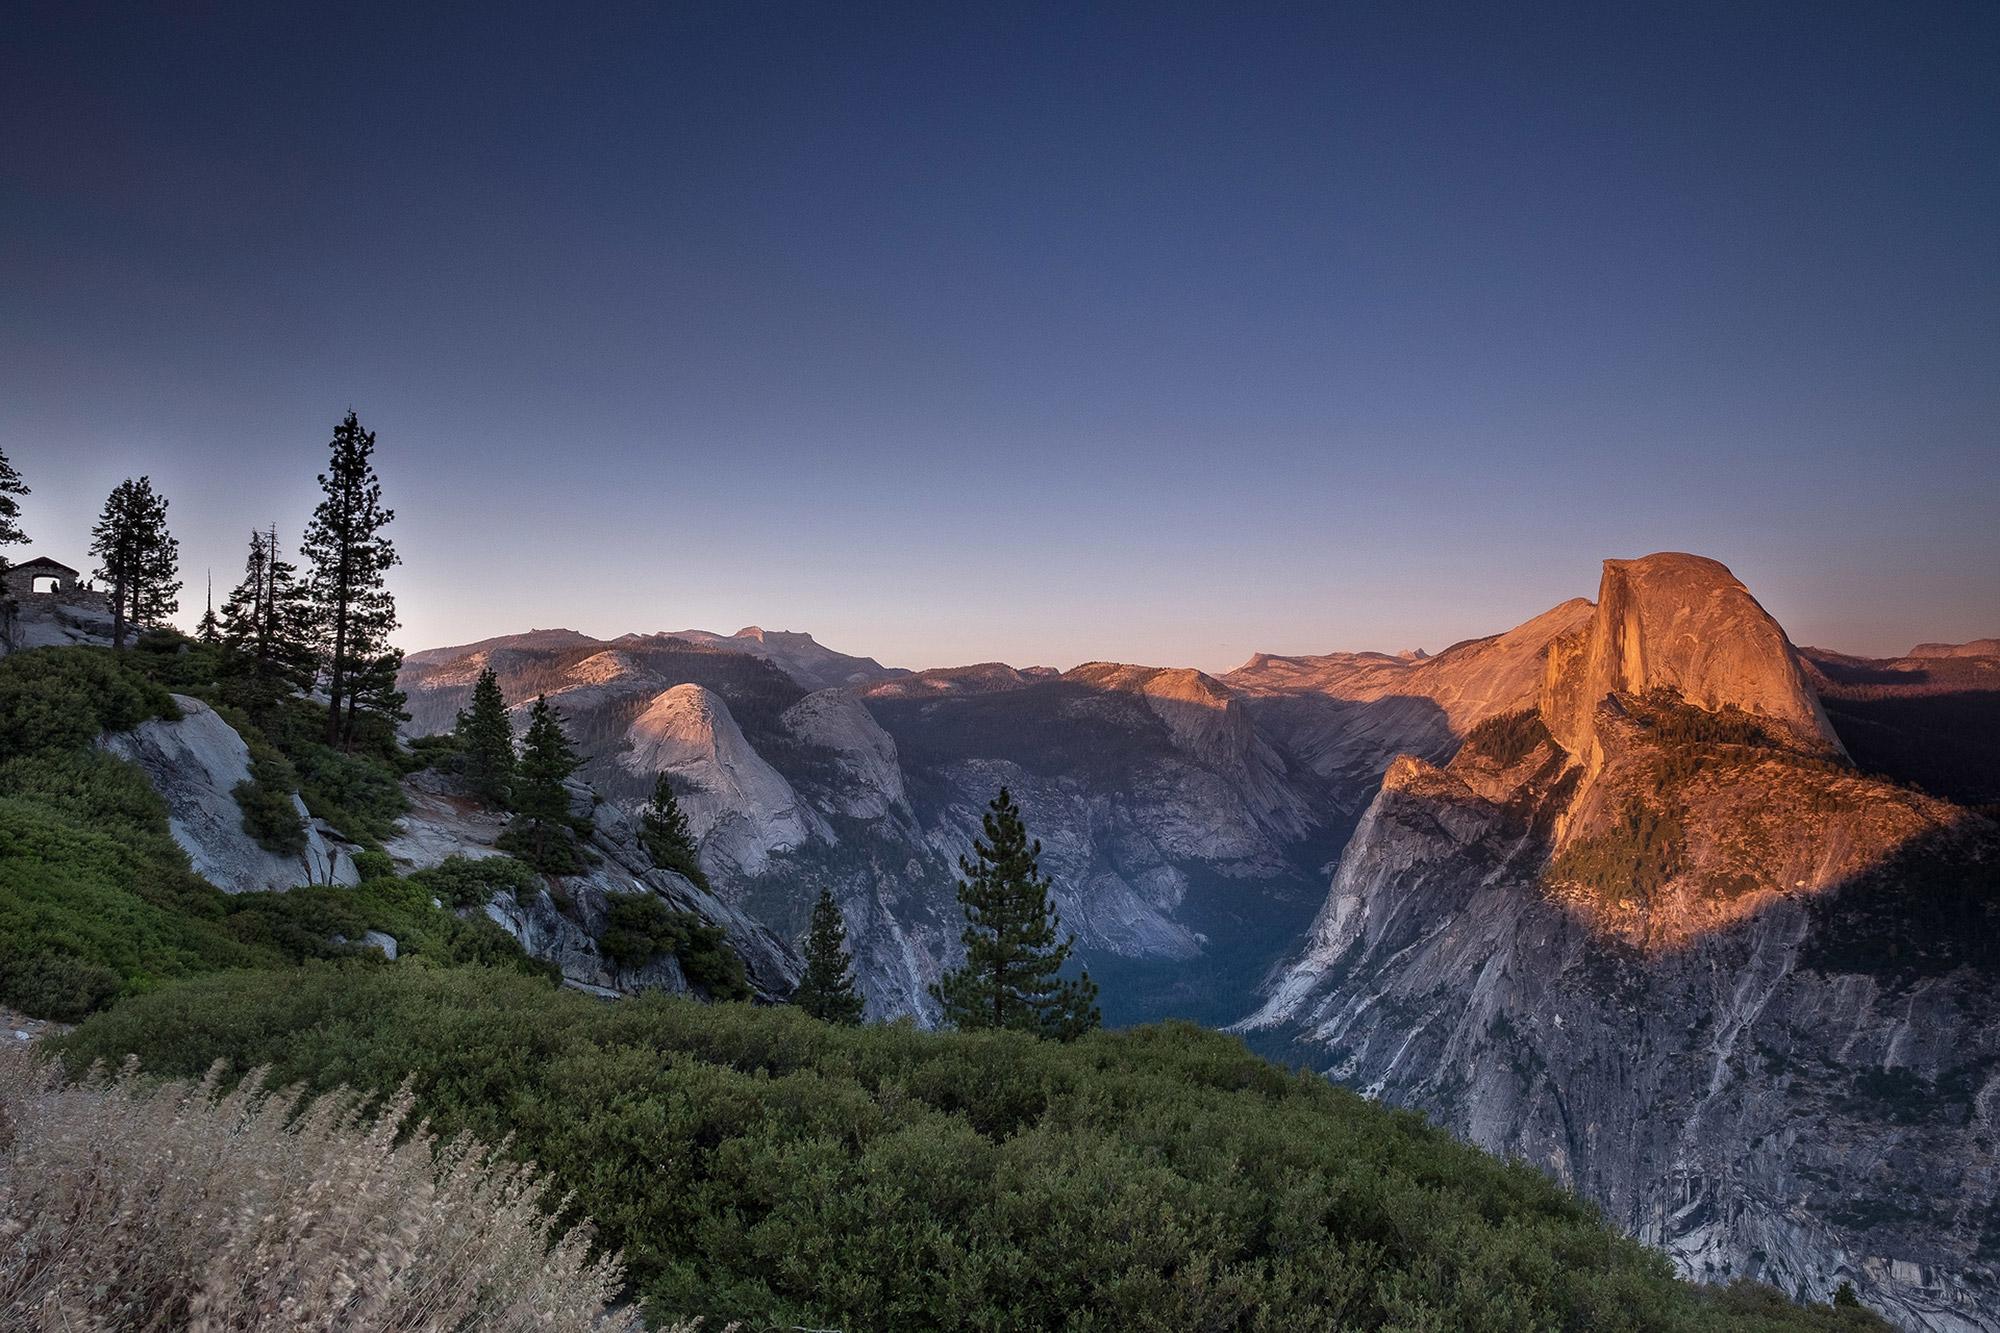 El Capitan , Yosemite Valley, California.